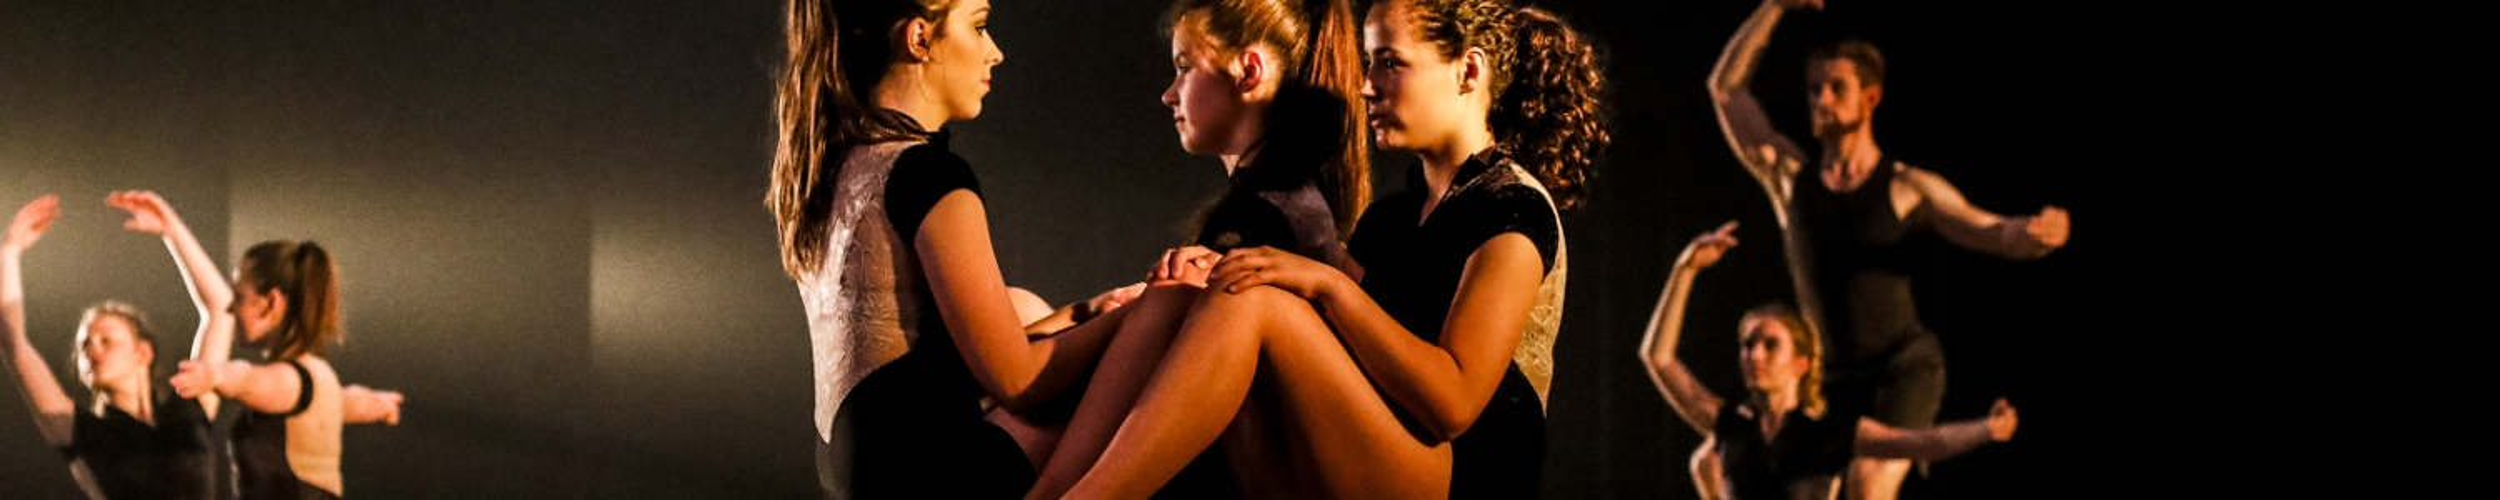 beleef dansende momenten met het dansteam modern jazz